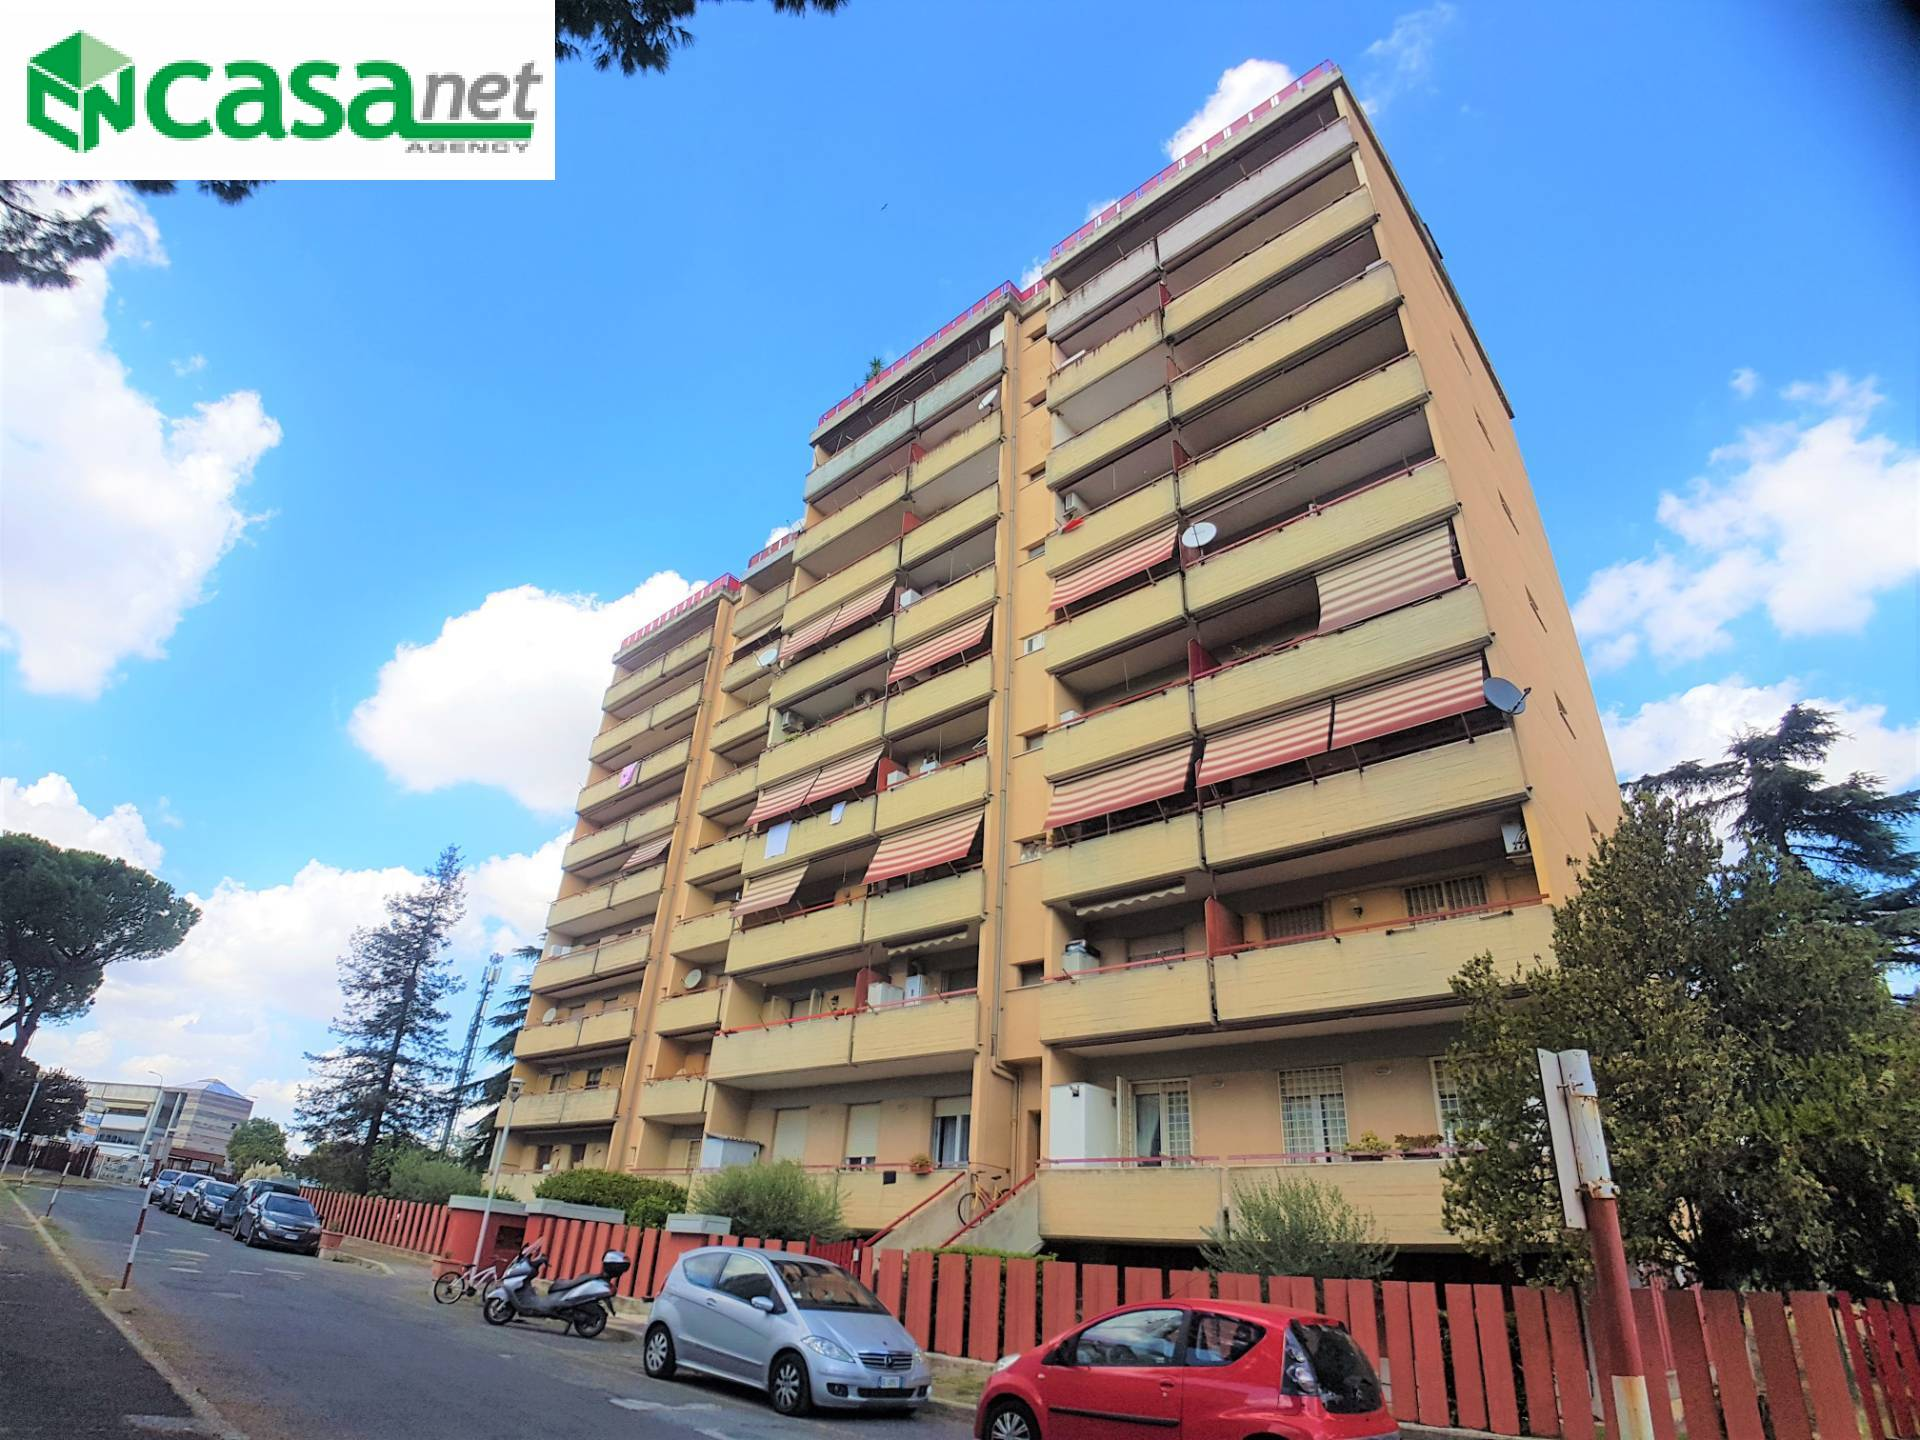 Appartamento in affitto a Tivoli, 2 locali, zona Località: TivoliTerme, prezzo € 550   CambioCasa.it